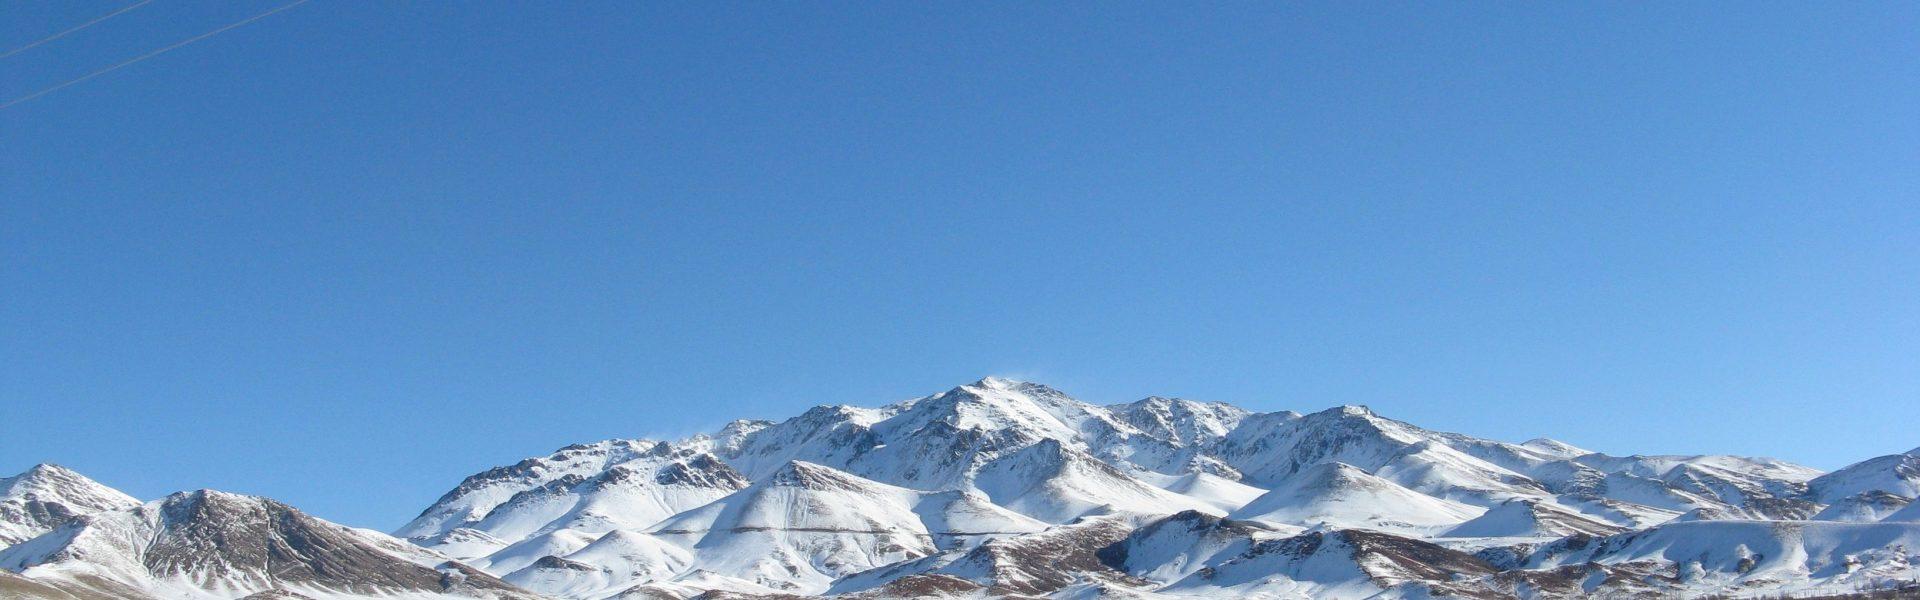 رصدخانه ای بر قله ۳۶۰۰ متری